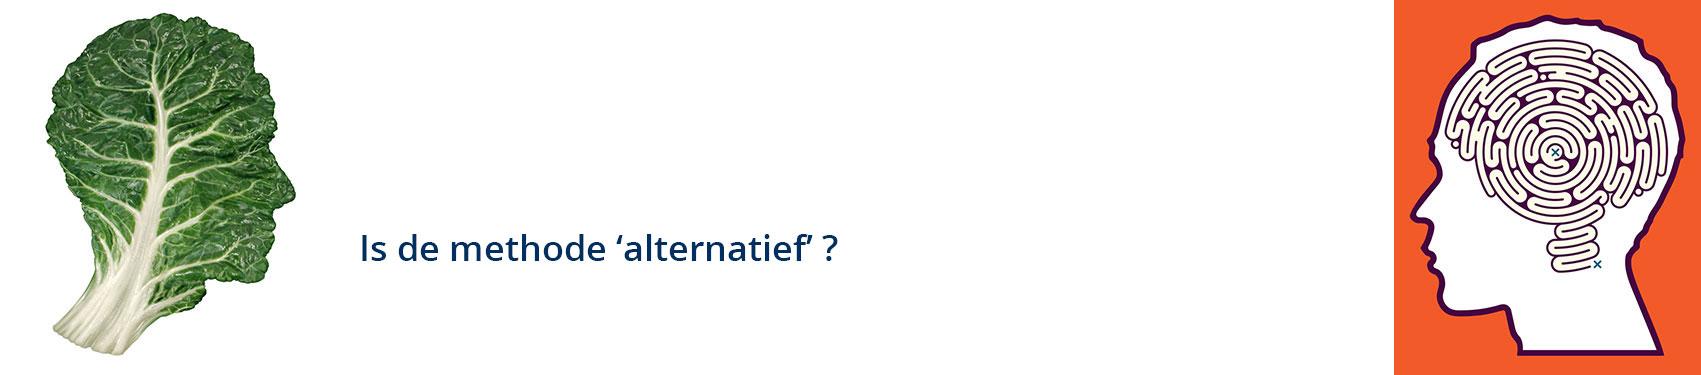 liggendebanner10-2-1